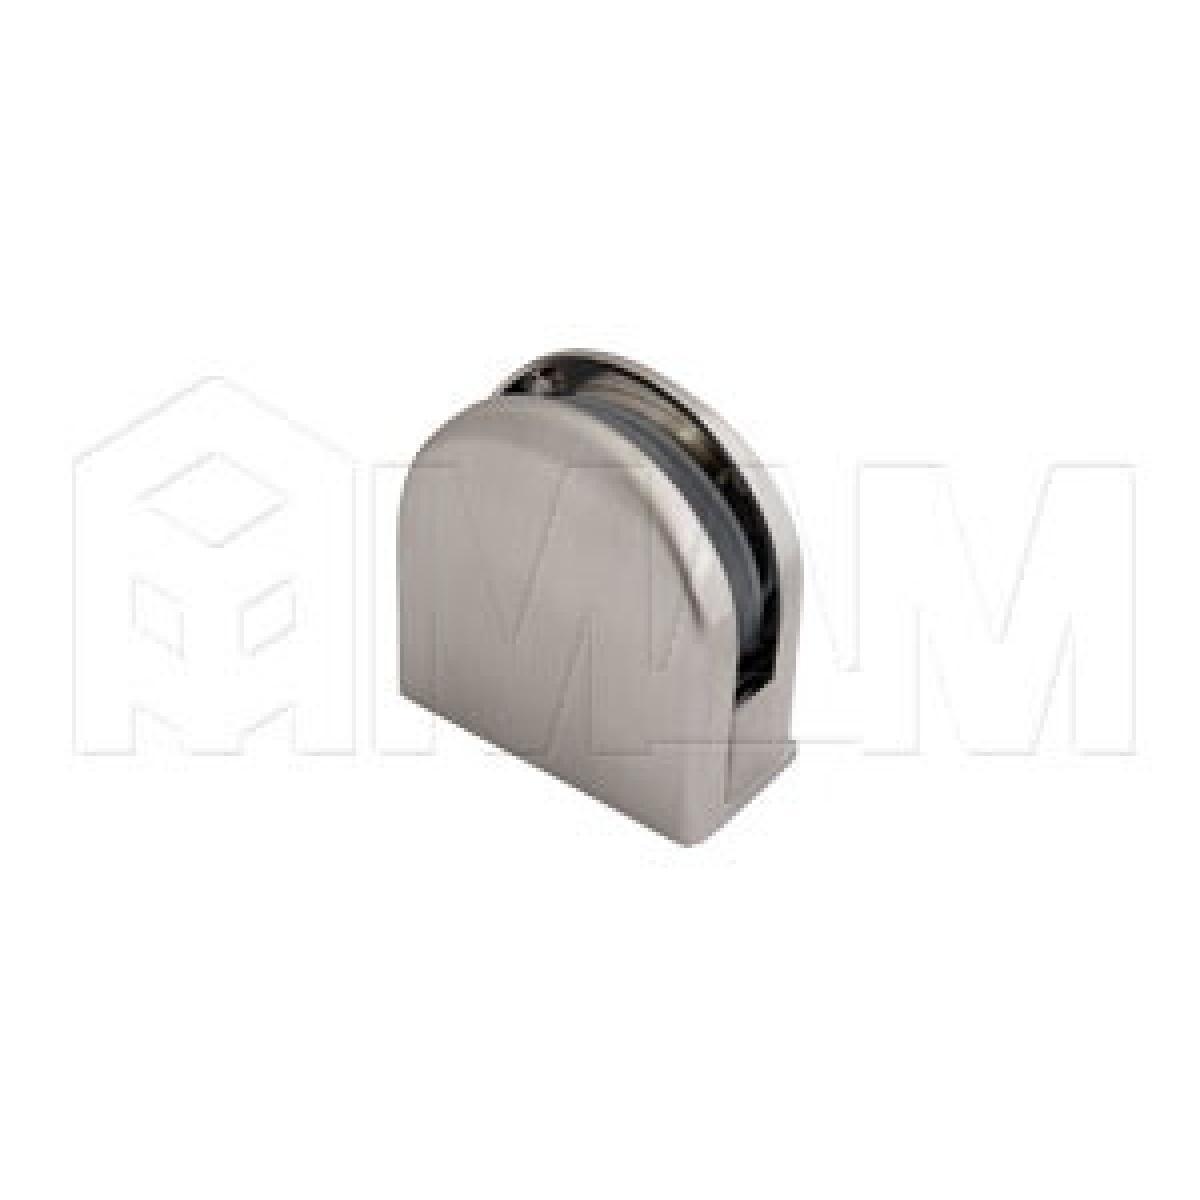 Коннекторы - Коннектор ДСП-стекло 8-12 мм, никель сат.